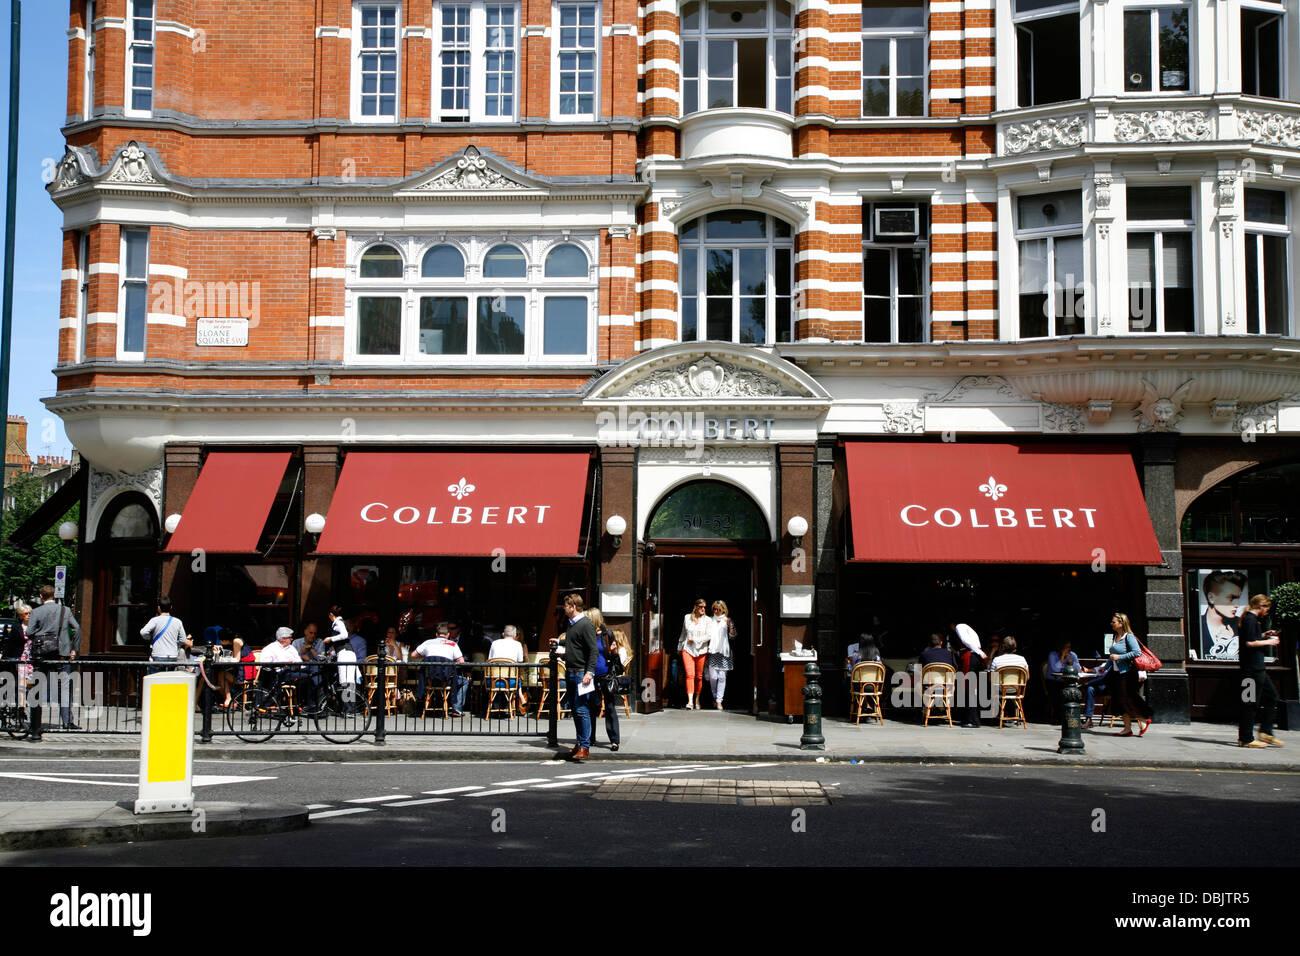 Colbert Restaurant London